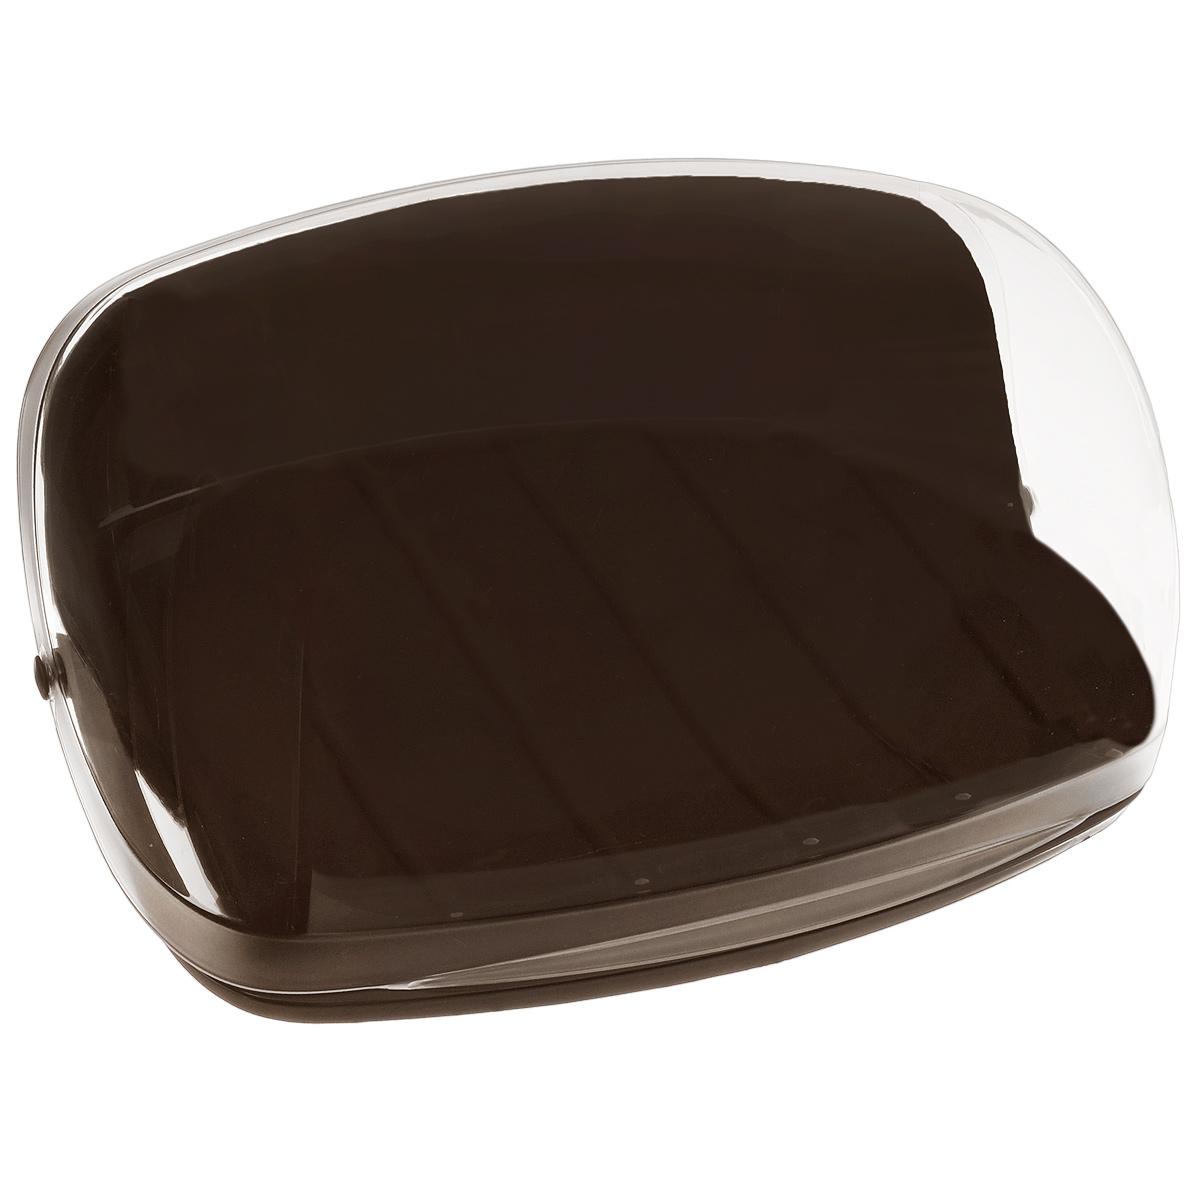 Хлебница Idea, цвет: коричневый, прозрачный, 31 х 24,5 х 14 см22182Хлебница Idea изготовлена из пищевого пластика и оснащена прозрачной крышкой, позволяющей видеть содержимое. Вместительность, функциональность и стильный дизайн позволят хлебнице стать не только незаменимым аксессуаром на кухне, но и предметом украшения интерьера. В ней хлеб всегда останется свежим и вкусным.